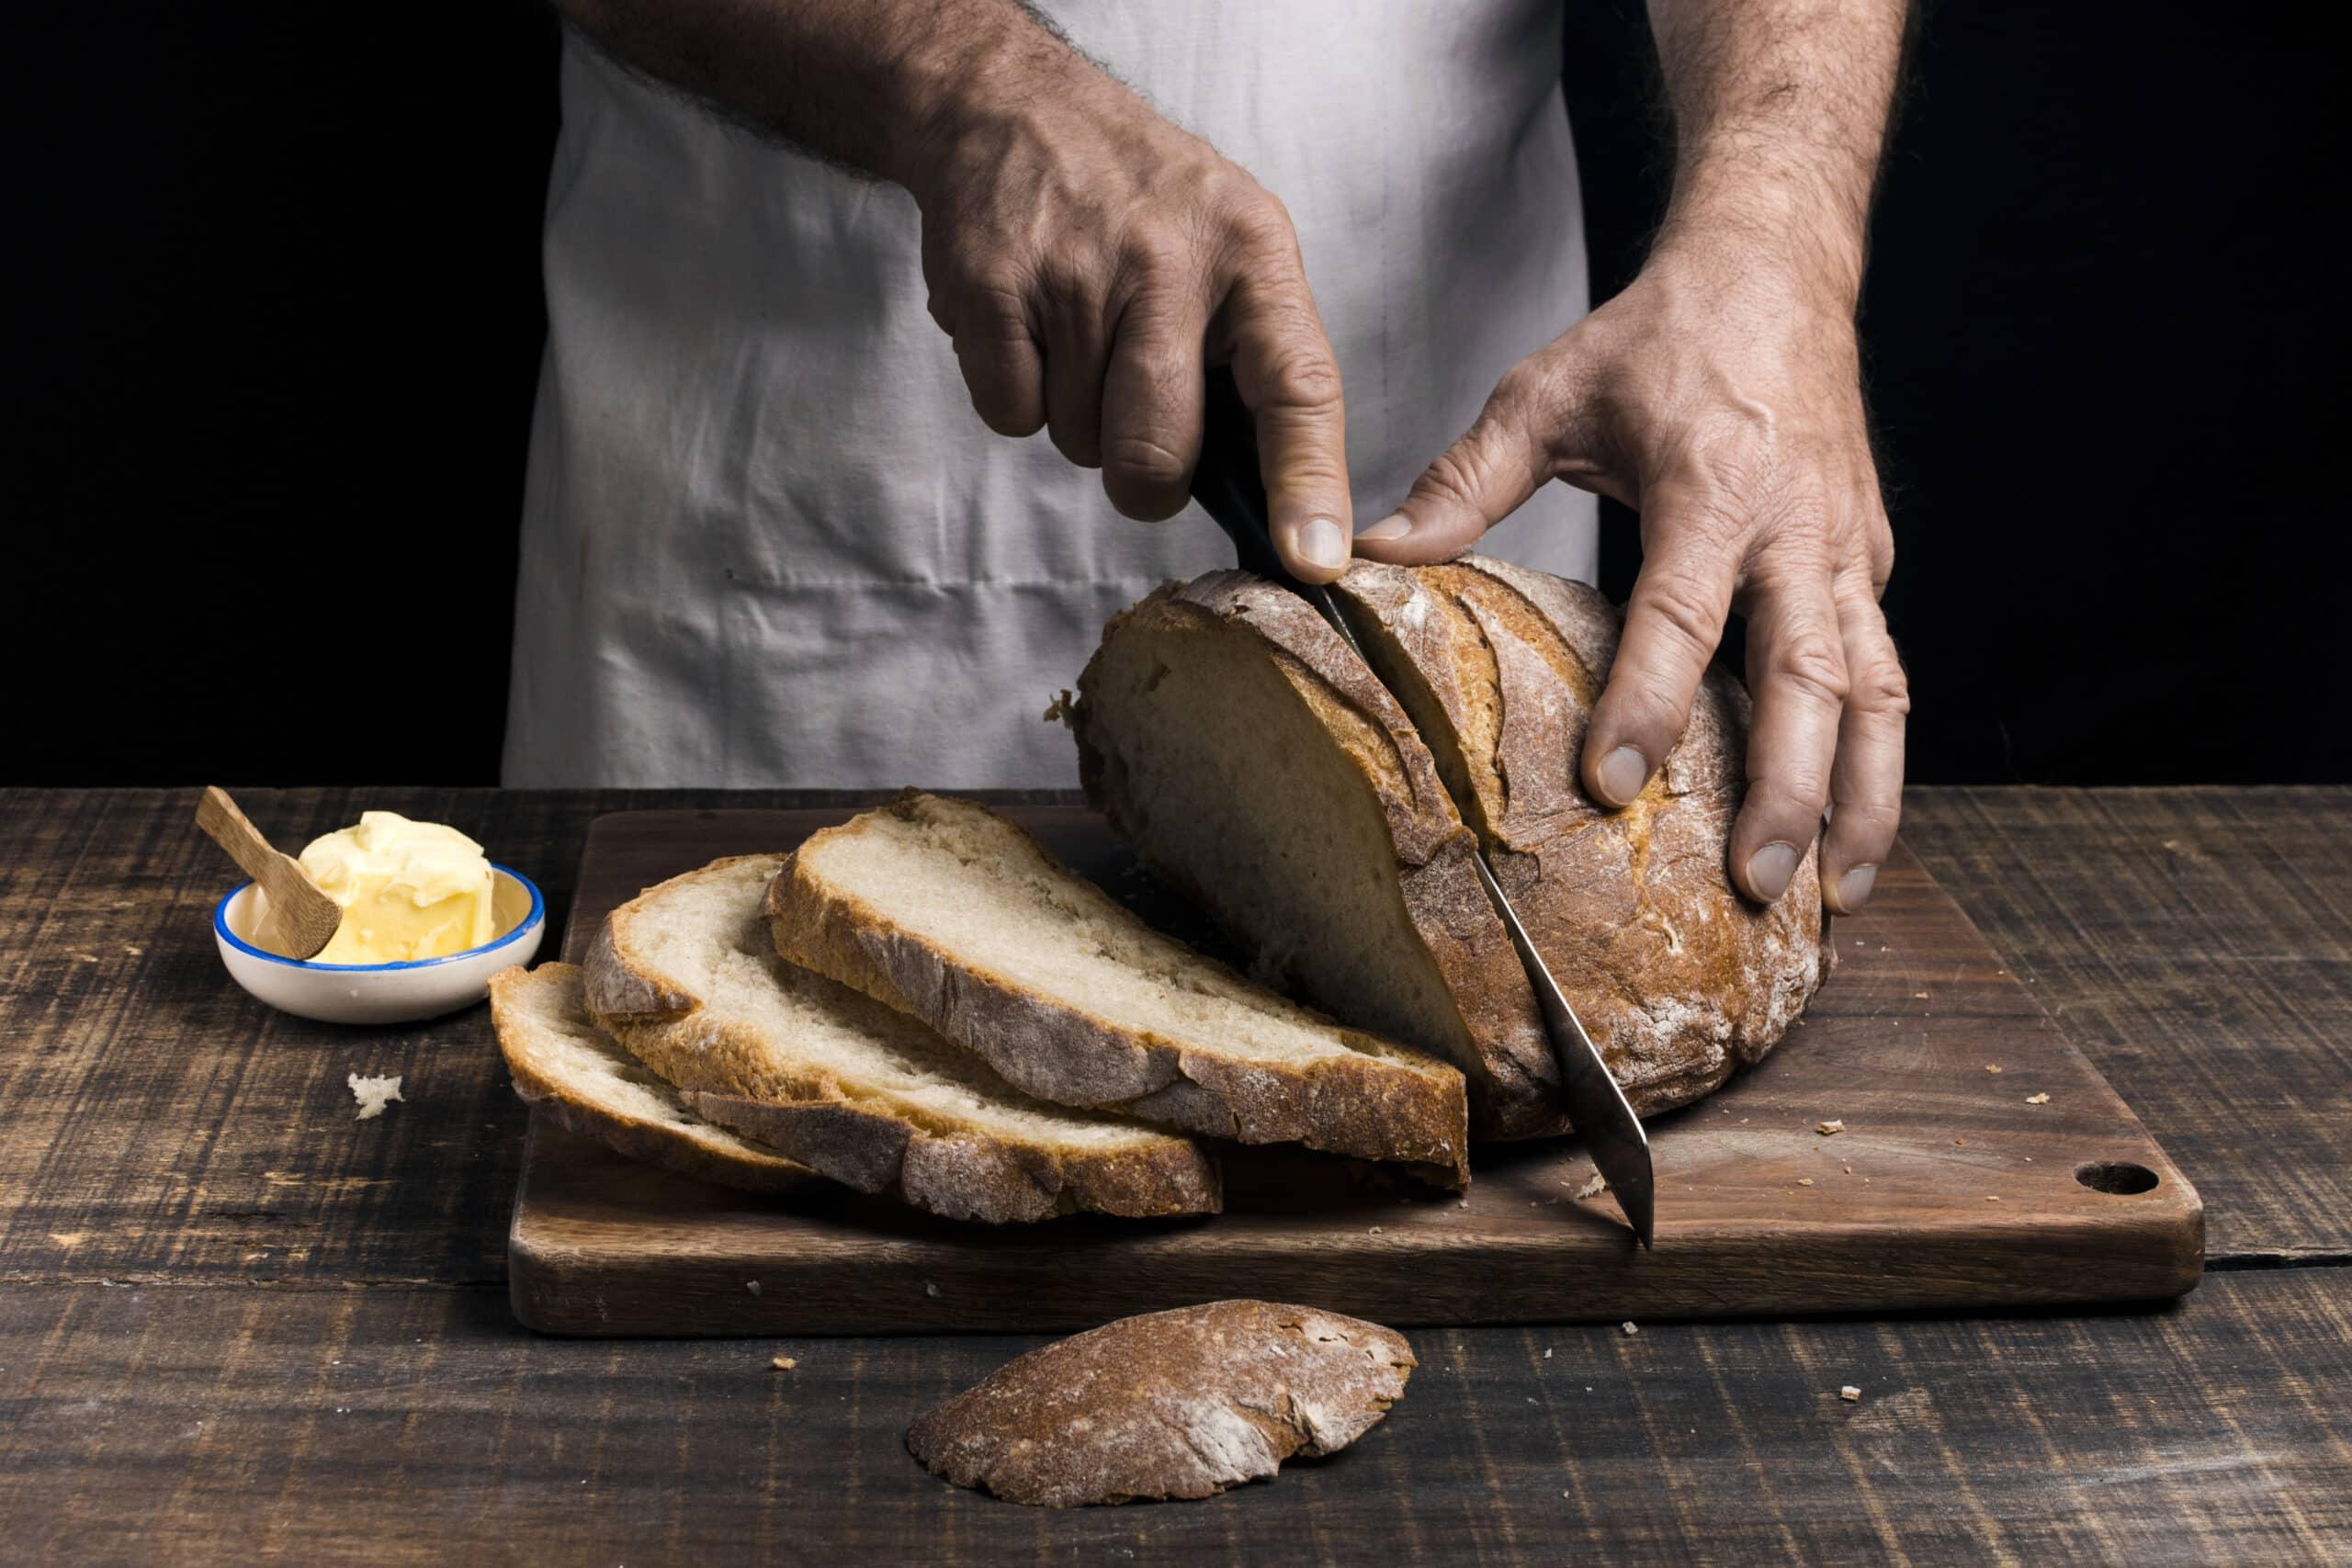 วิธีทำ ขนมปังเนยสด รสหอมหวาน เมนูปังๆ ที่ทำเองได้ที่บ้าน